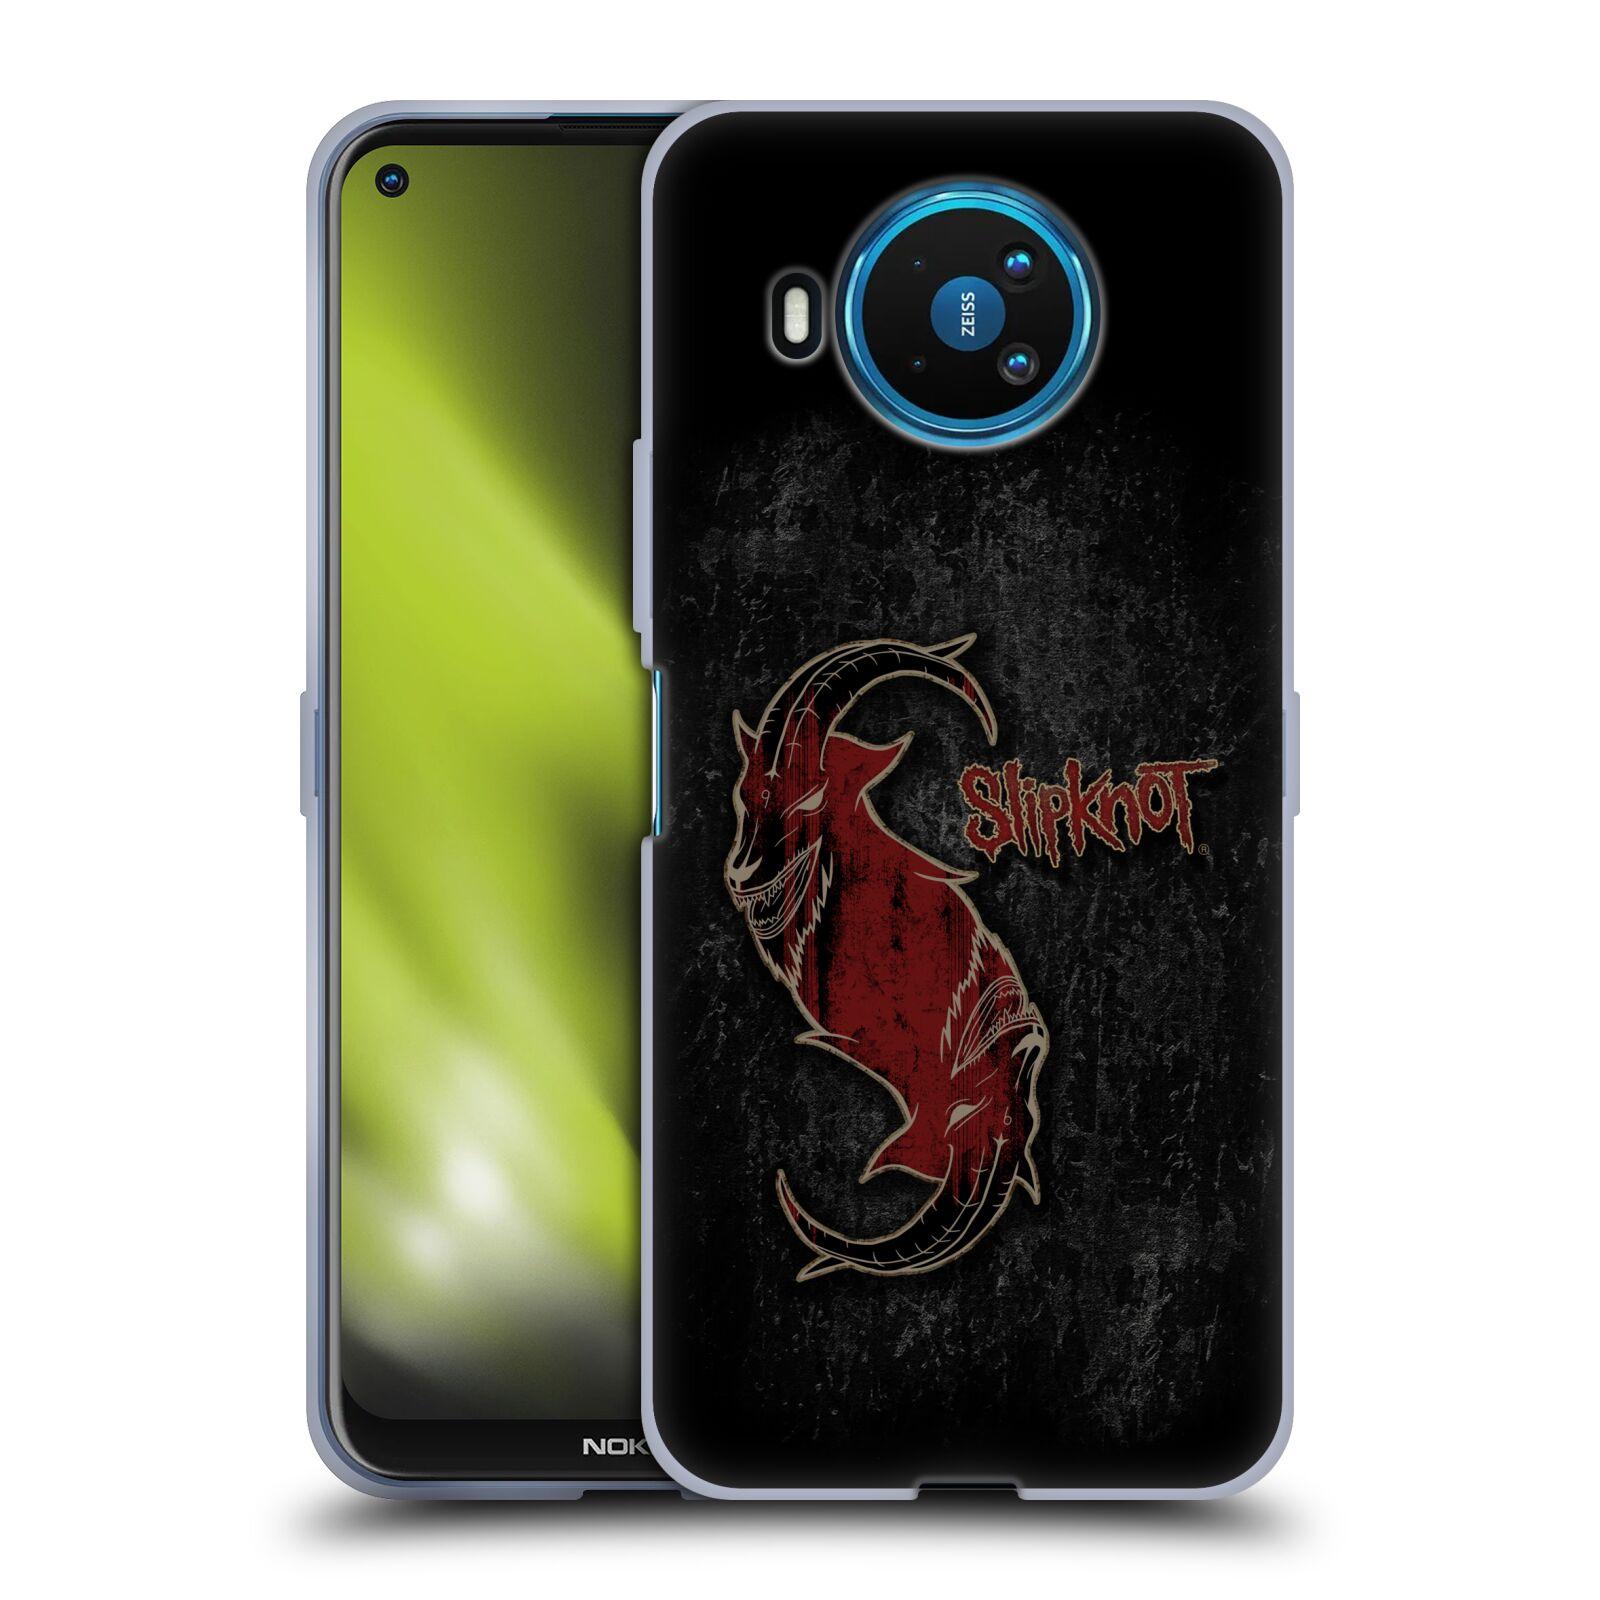 Silikonové pouzdro na mobil Nokia 8.3 5G - Head Case - Slipknot - Rudý kozel